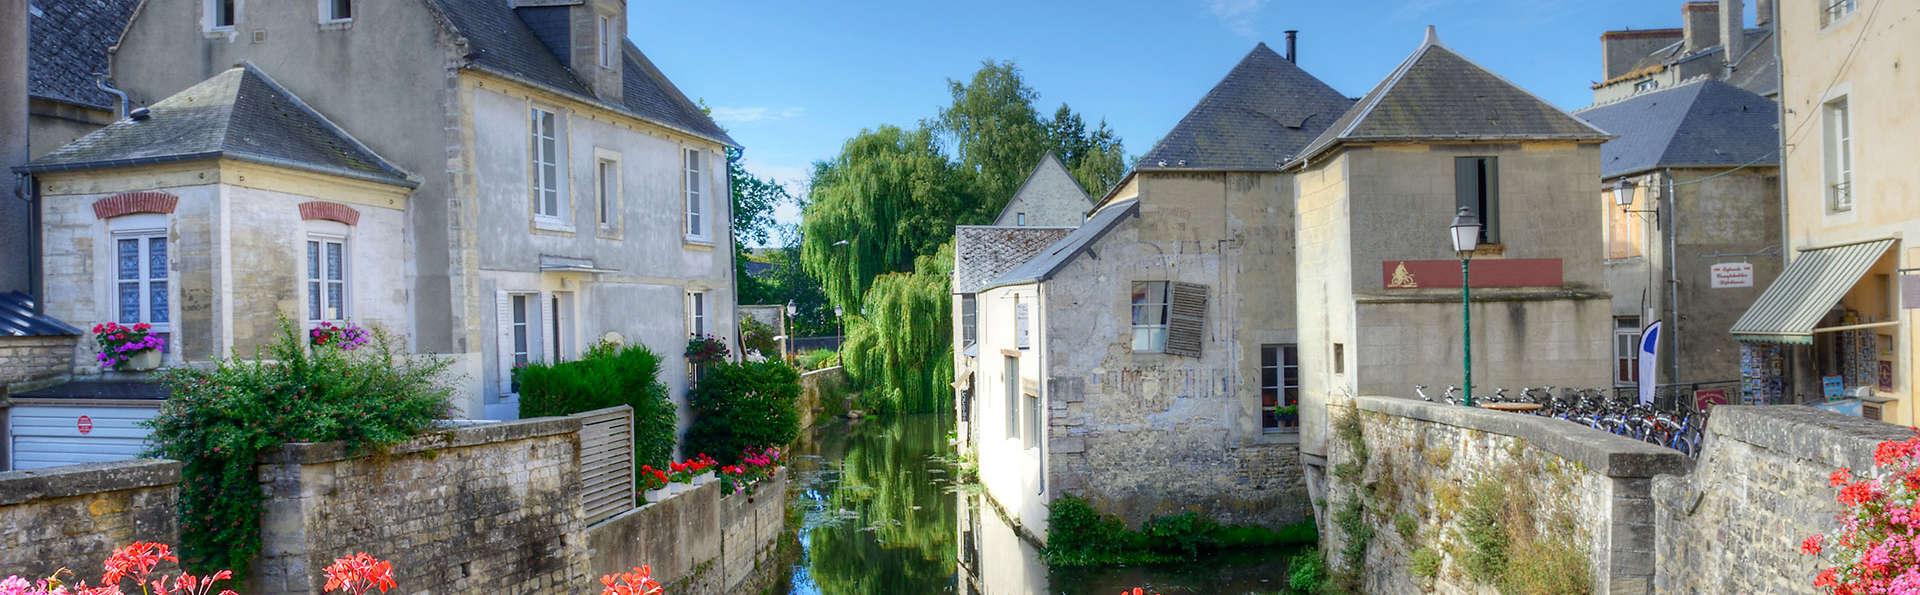 Hôtel La Rosière - EDIT_destination1.jpg